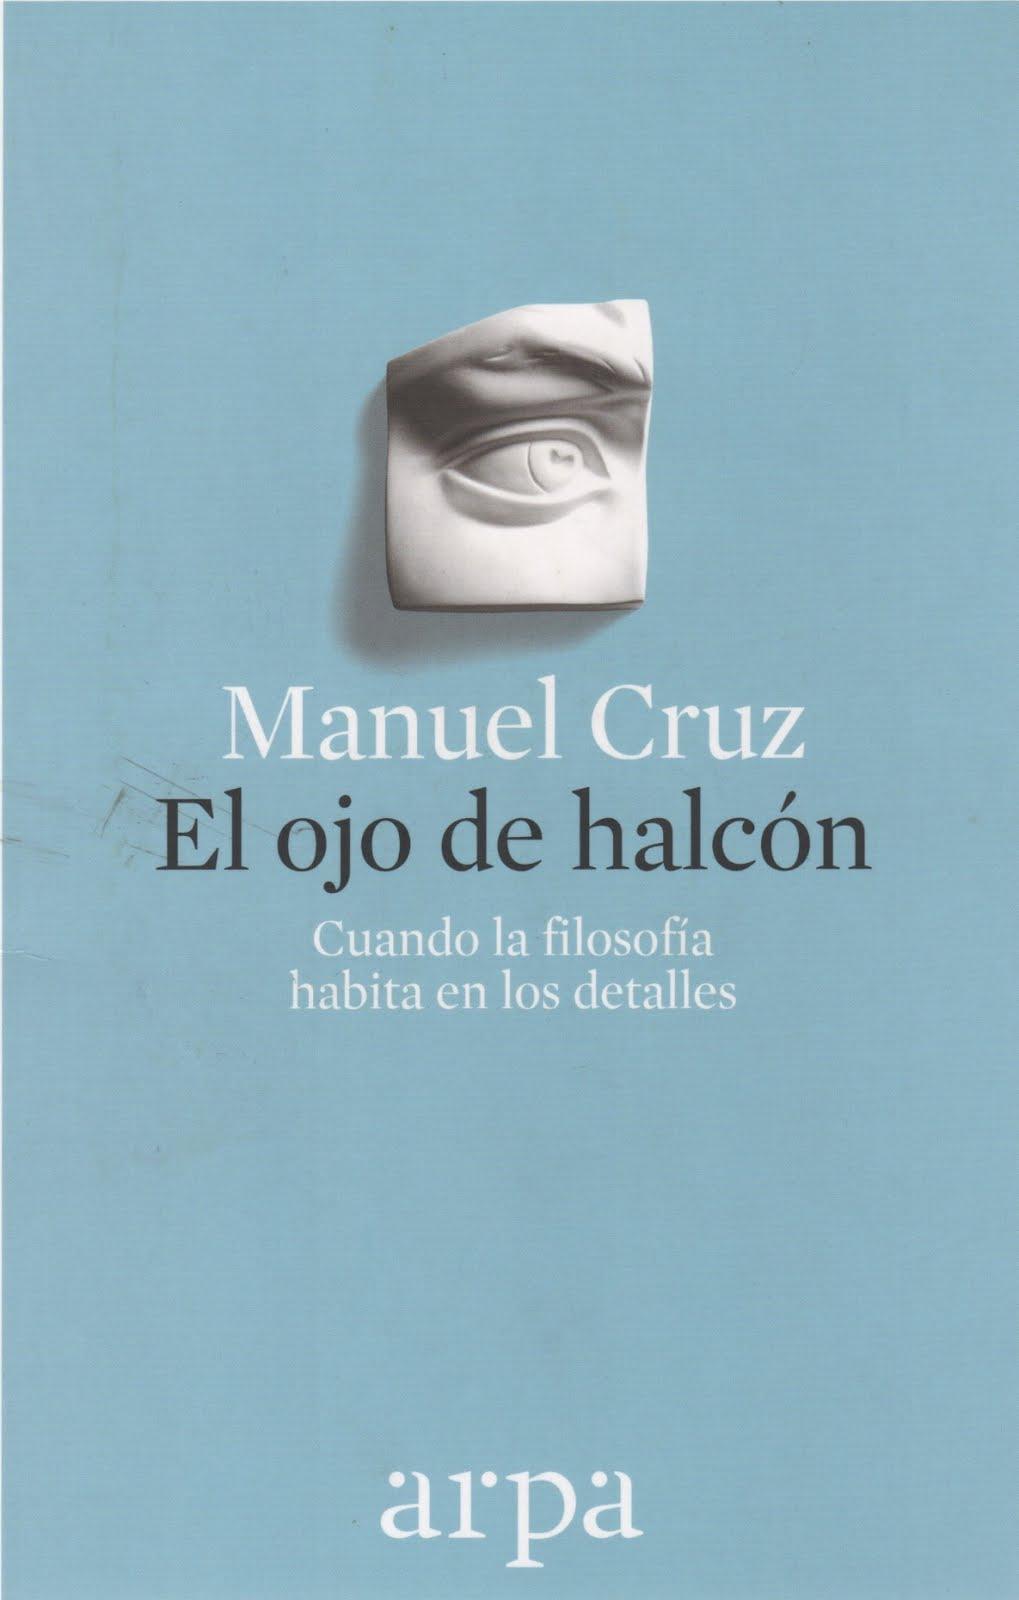 Manuel Cruz (El ojo de halcón) Cuando la filosofía habita en los detalles